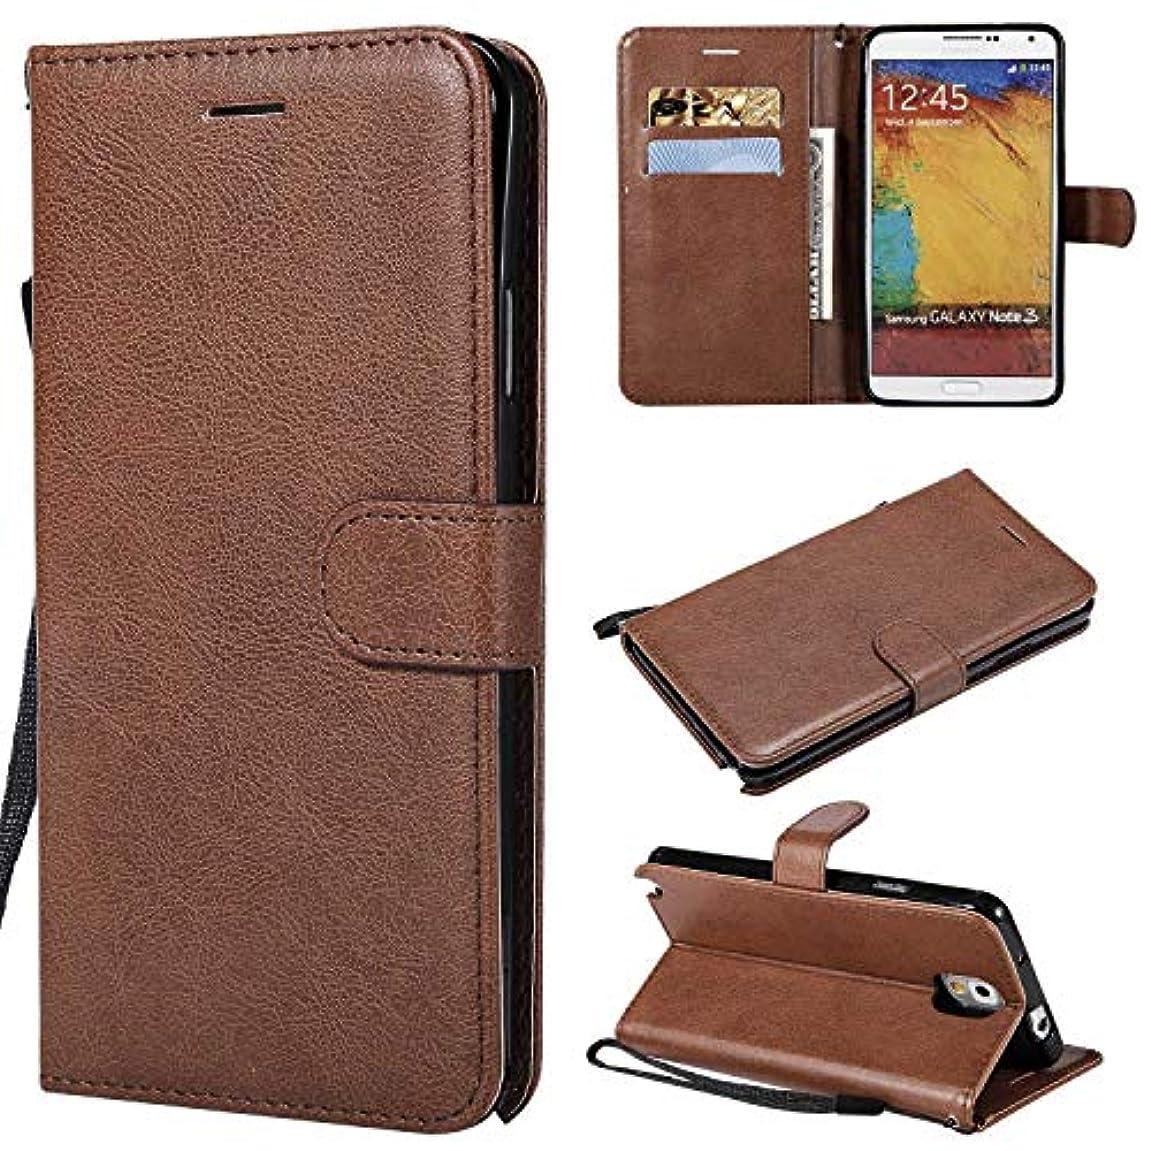 釈義致死リビングルームGalaxy Note 3 ケース手帳型 OMATENTI レザー 革 薄型 手帳型カバー カード入れ スタンド機能 サムスン Galaxy Note 3 おしゃれ 手帳ケース (1-ブラウン)